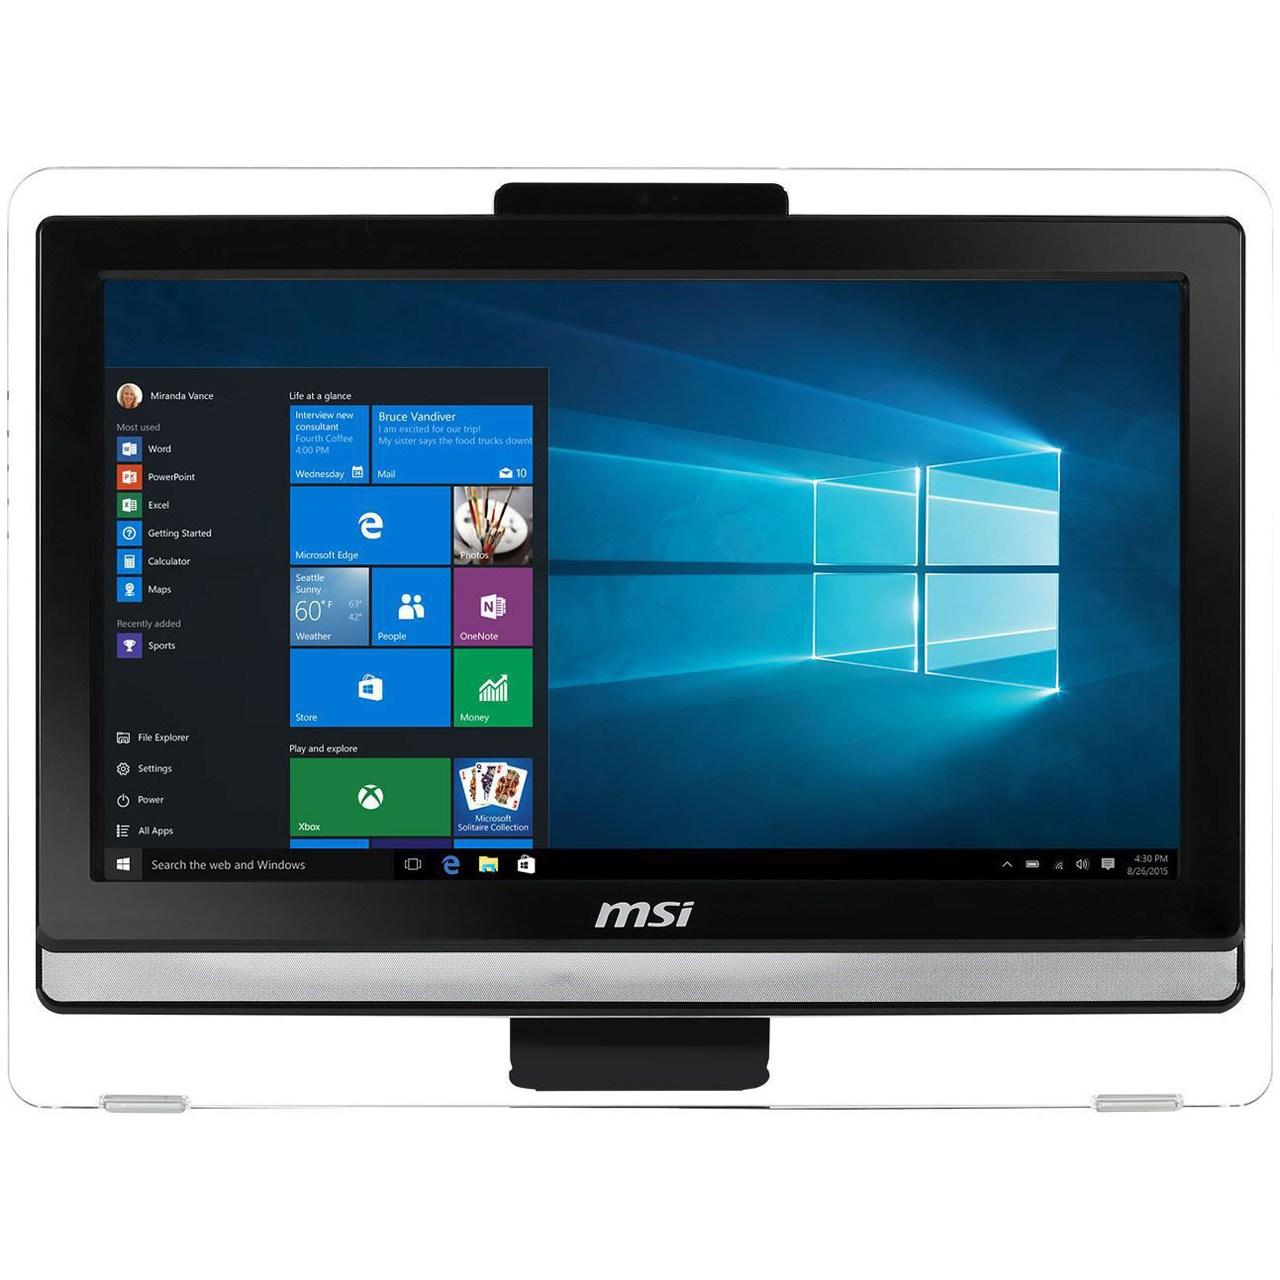 کامپیوتر همه کاره 19.5 اینچی ام اس آی مدل Pro 20 EDT 6QC - A | MSI Pro 20 EDT 6QC - A - 19.5 inch All-in-One PC